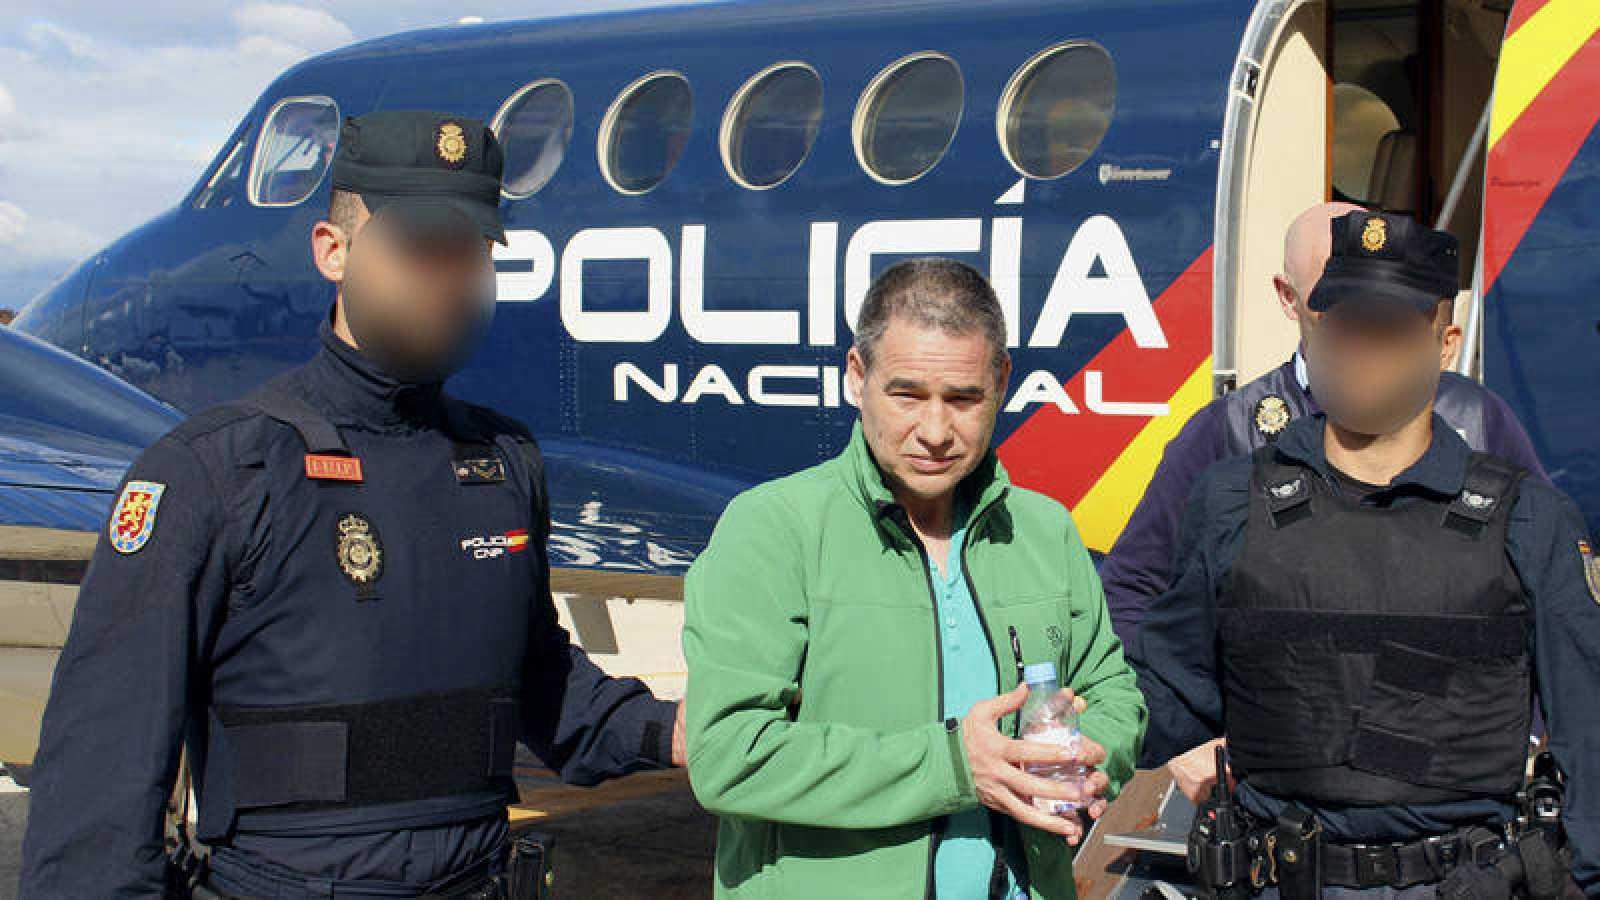 Fotografía facilitada por el Ministerio del Interior del etarra Antonio Troitiño, a su llegada a España en vuelo desde Londres.